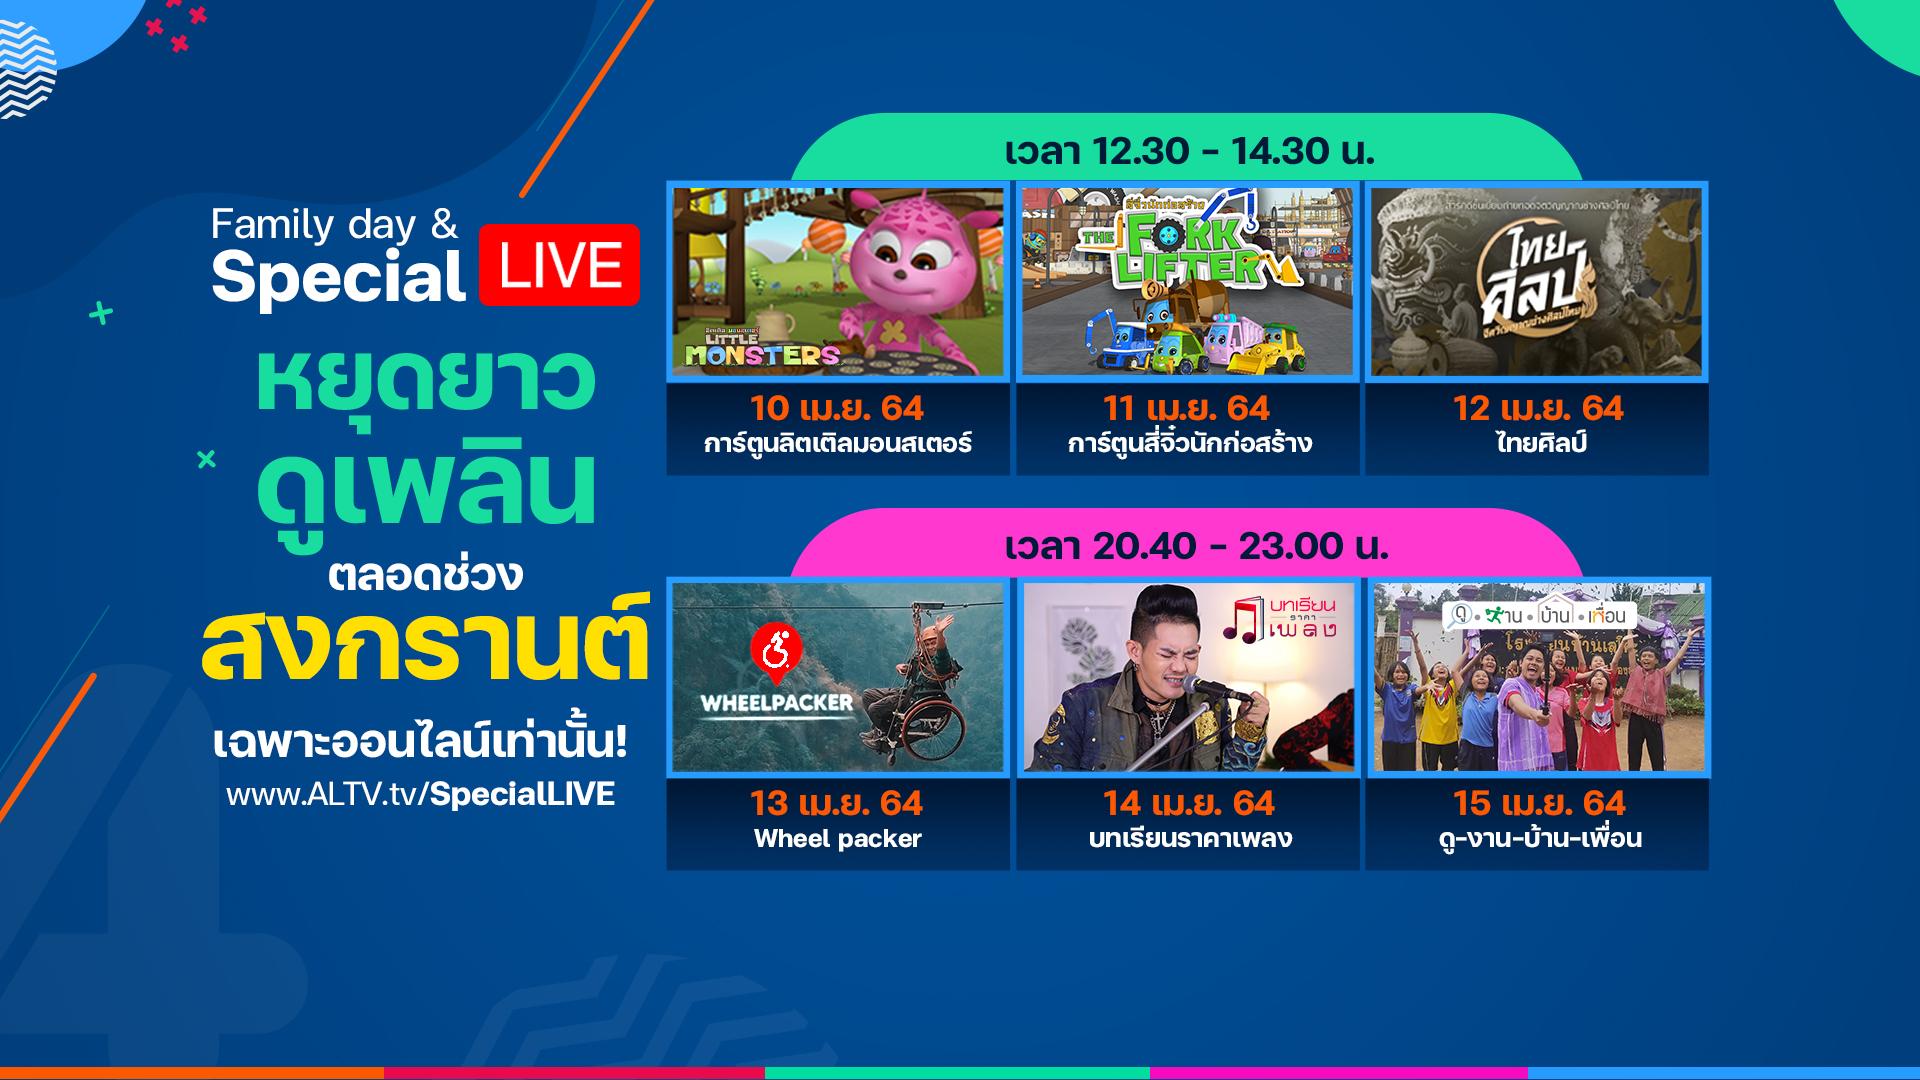 10 - 15 เม.ย.นี้ หยุดยาวดูเพลินช่วงสงกรานต์ Family day & Special LIVE สดเฉพาะออนไลน์!!